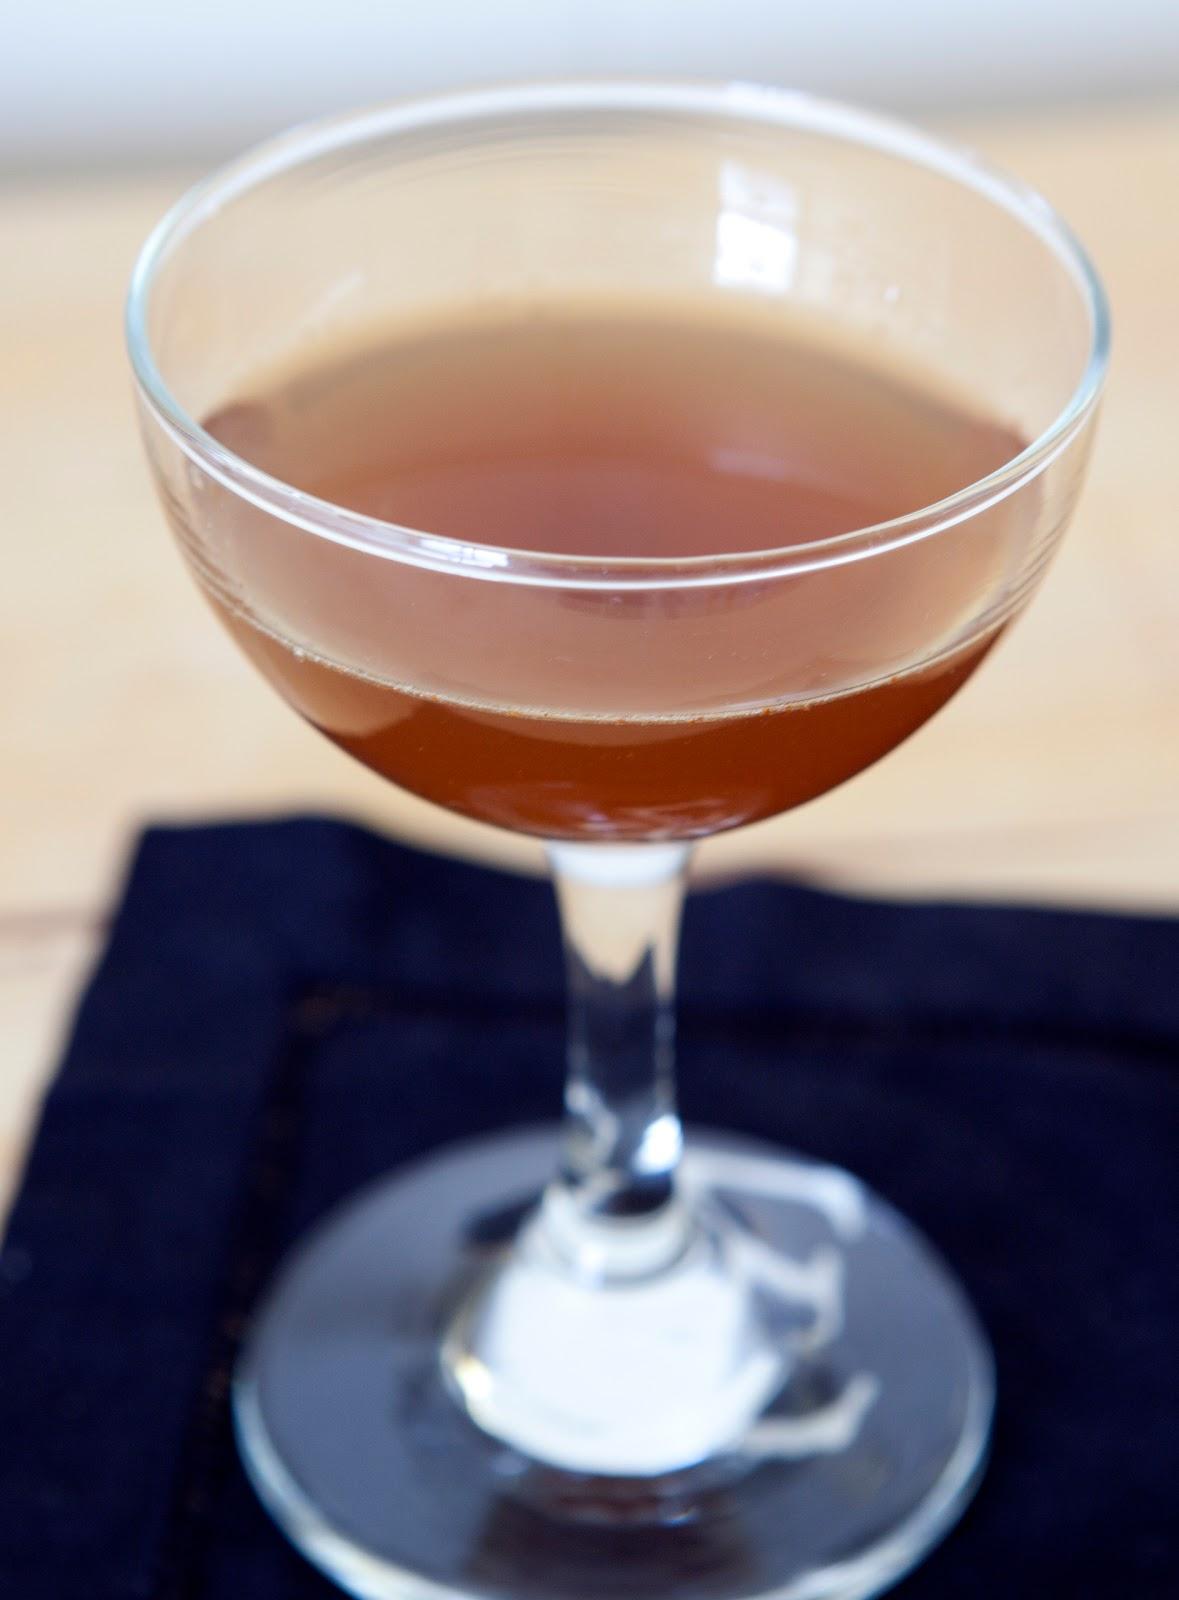 Verveine velay cocktail dress